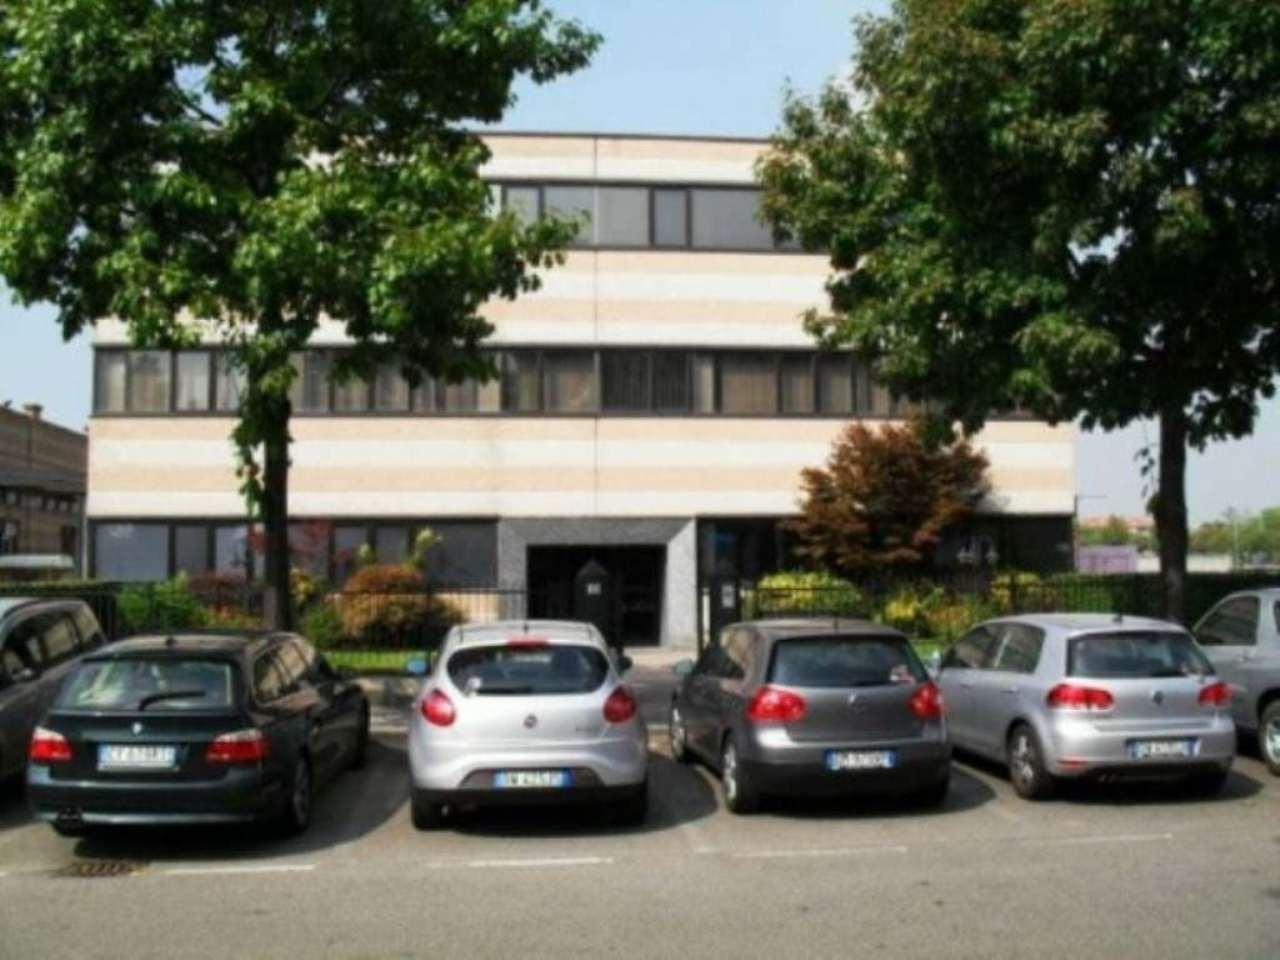 Ufficio / Studio in affitto a Nova Milanese, 2 locali, prezzo € 850 | Cambio Casa.it